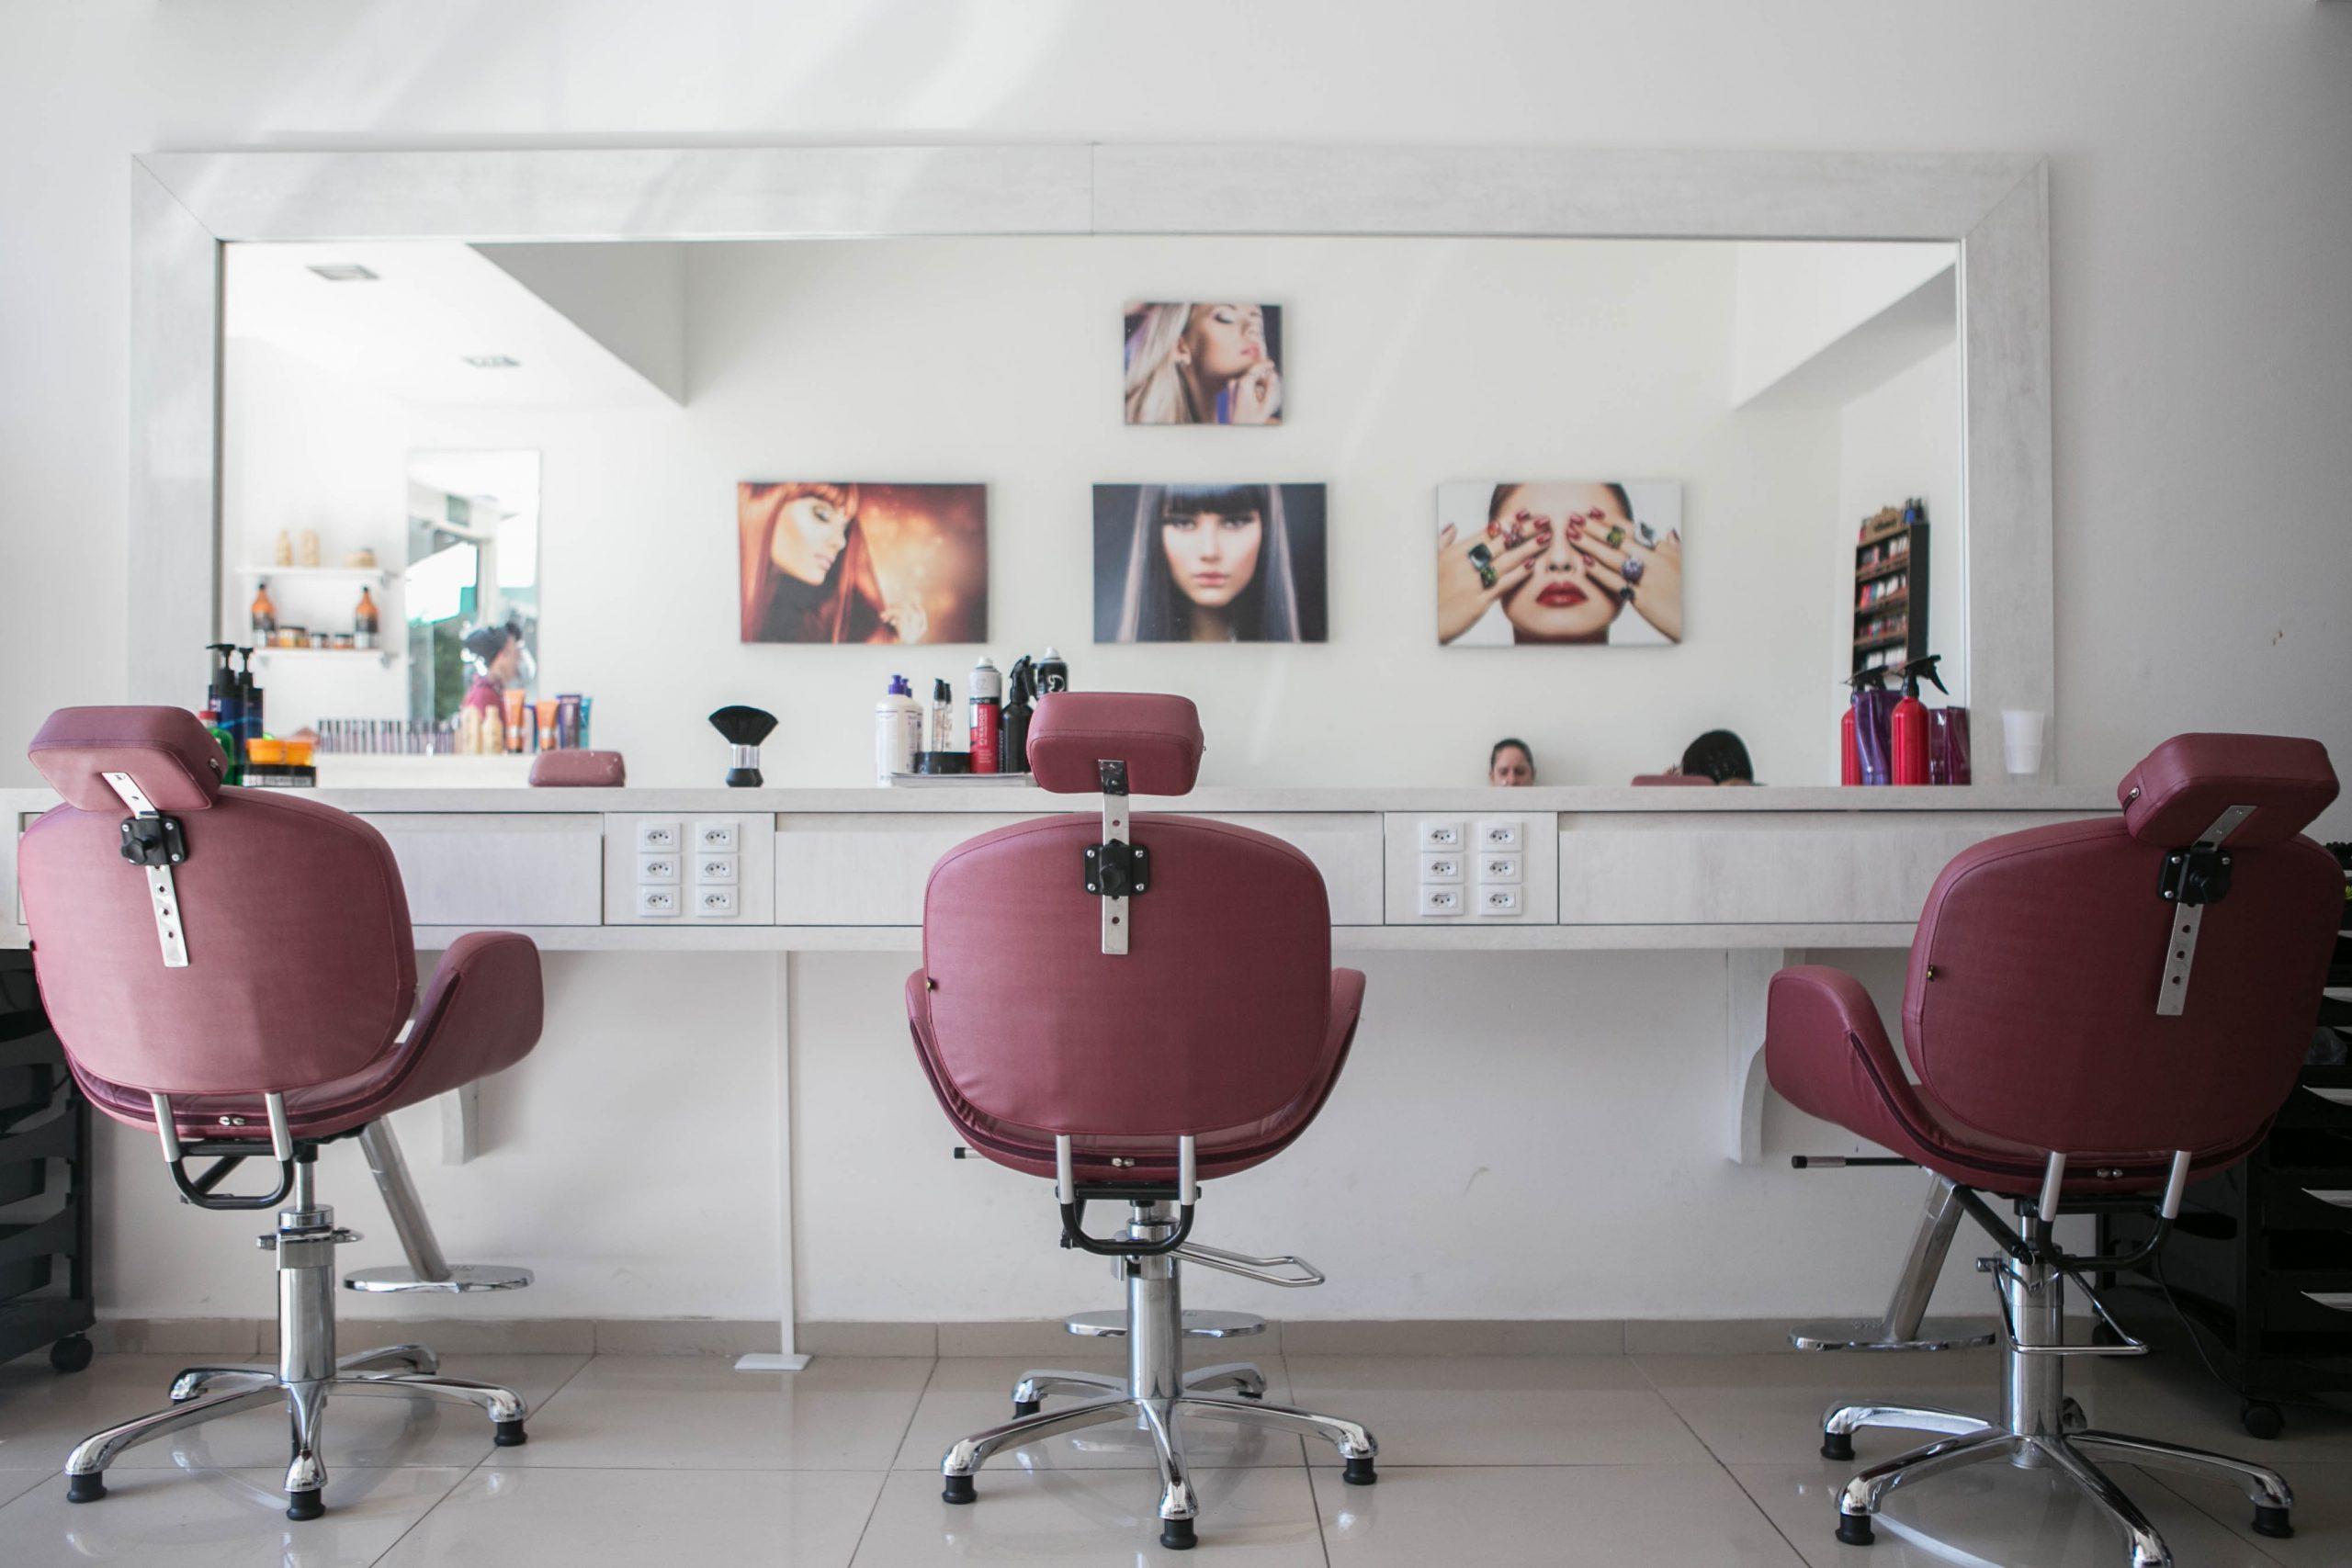 Przeprowadzka salonu kosmetycznego w Wrszawie - jak ją sprawnie zorganizować?